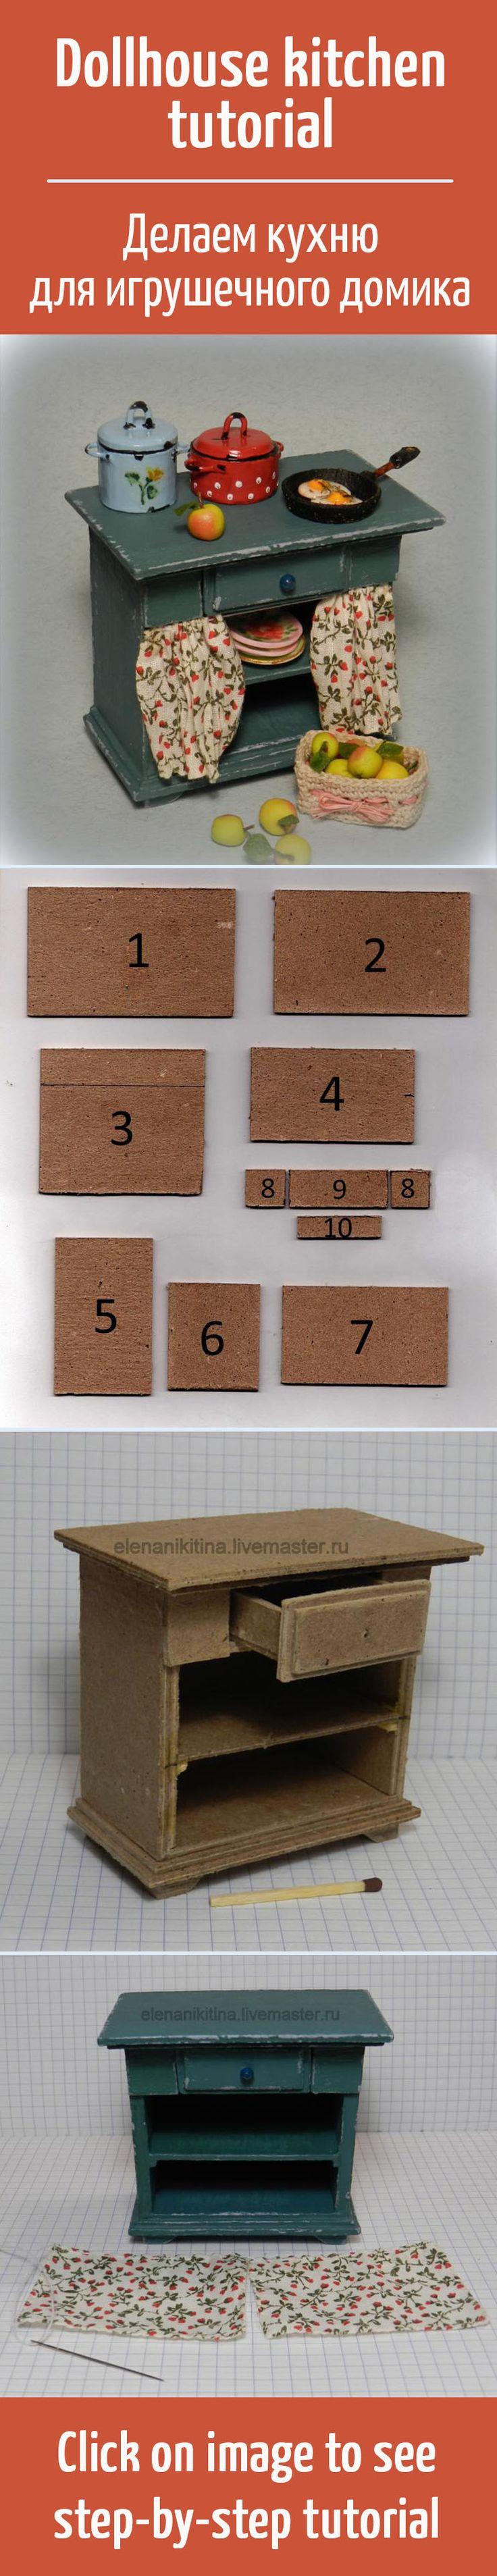 Мебель из картона миниатюрная своими руками 89